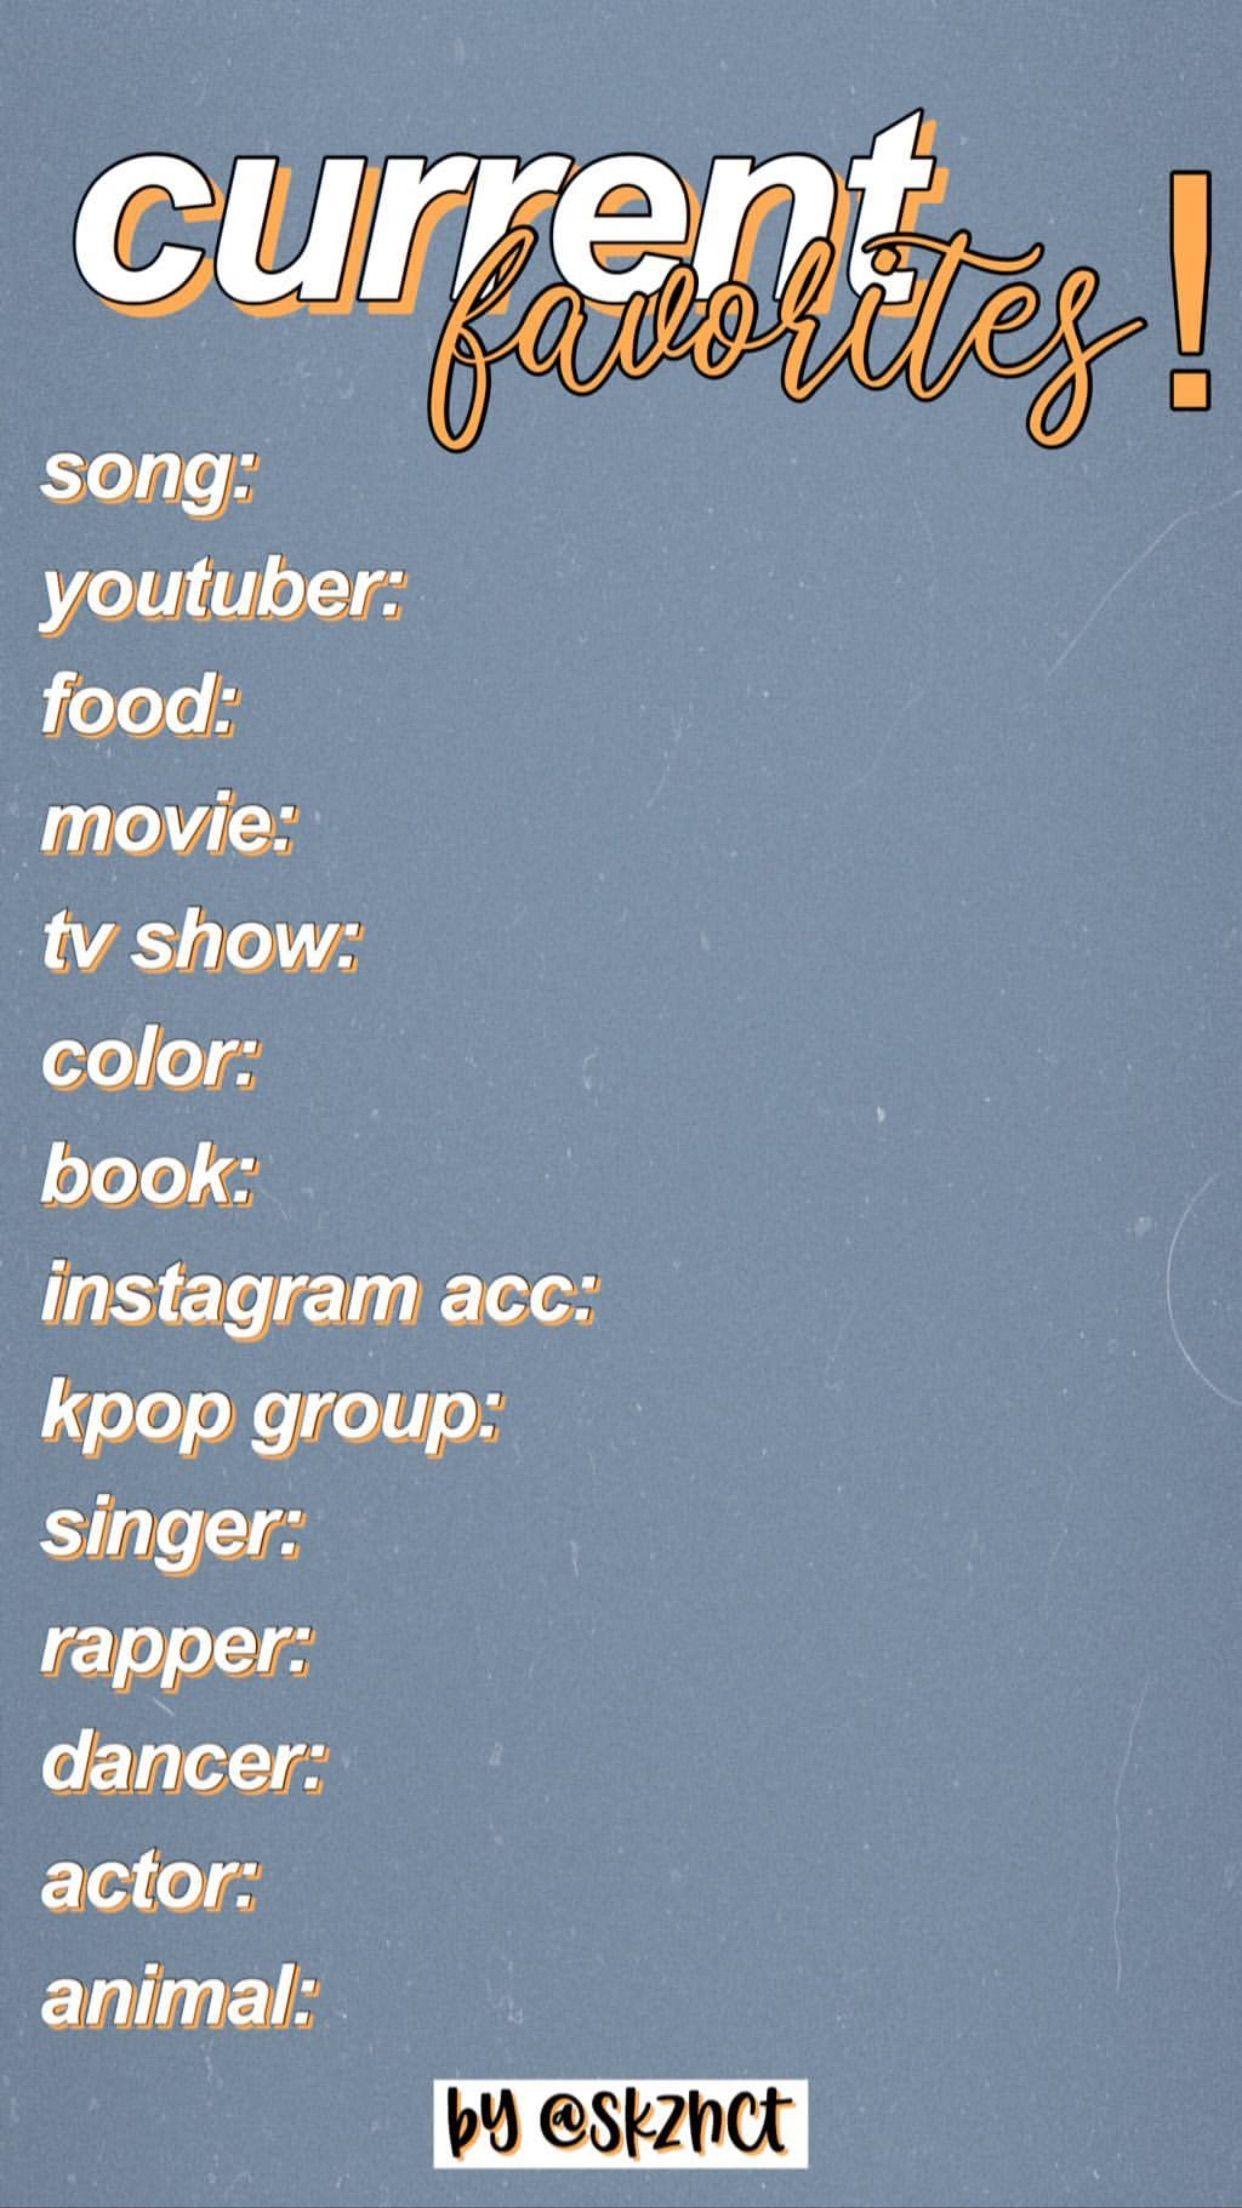 Kpop Instagram Games Kpop Nct Bts Twice Blackpink Kpopgame Wjsn Ioi Got7 Astro Loona Redvelvet Kpopgames Kuis Instagram Bingo